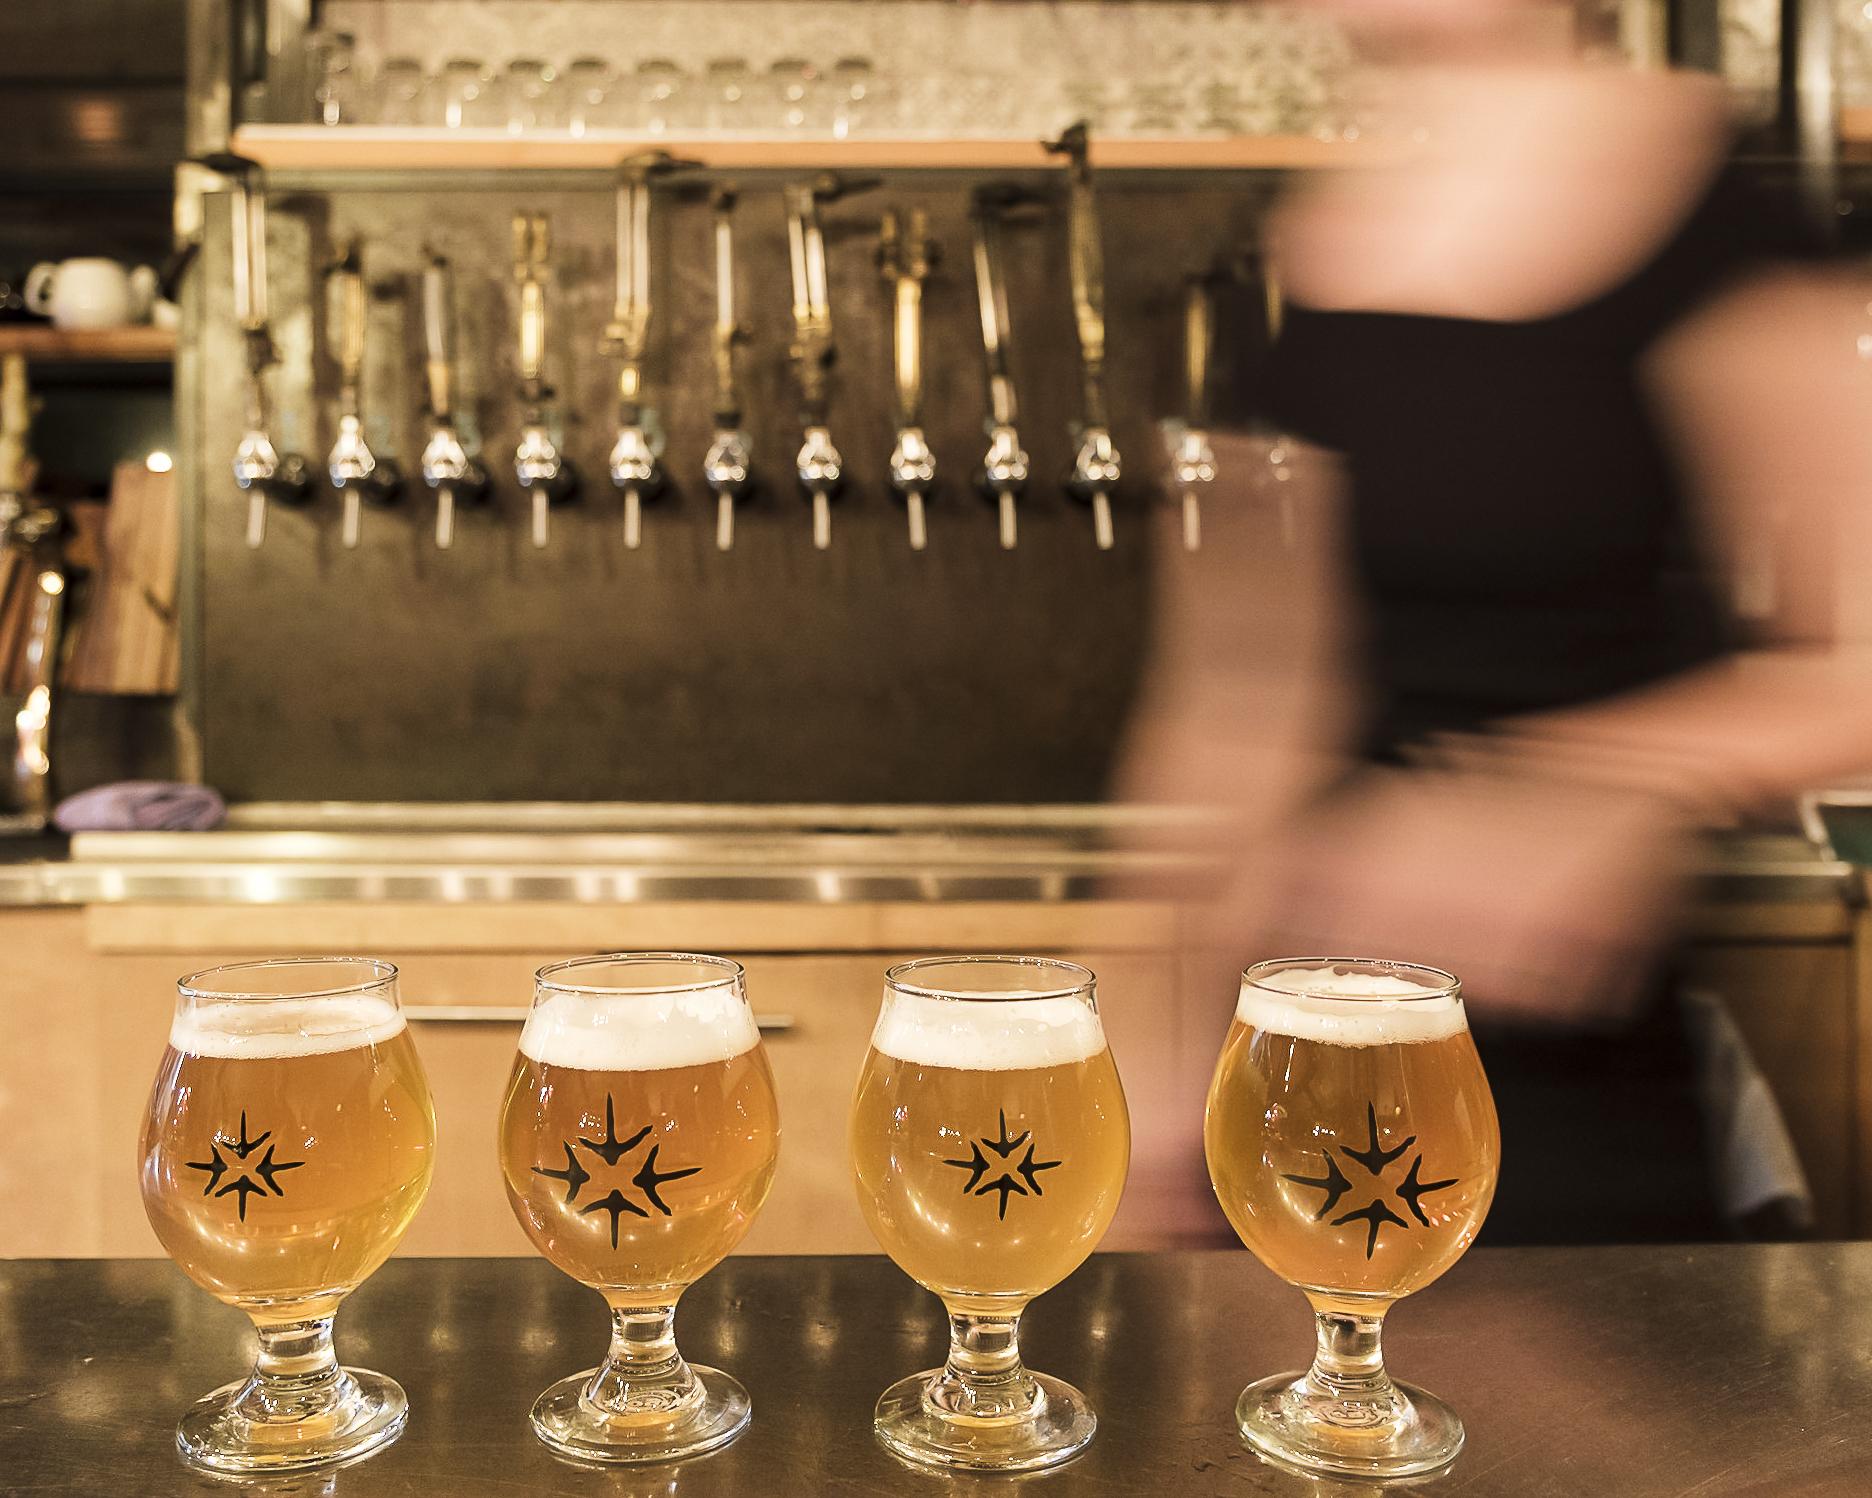 Bières blondes de microbrasserie | Restaurant, auberge et microbrasserie située en Estrie | Auberge Sutton Brouërie